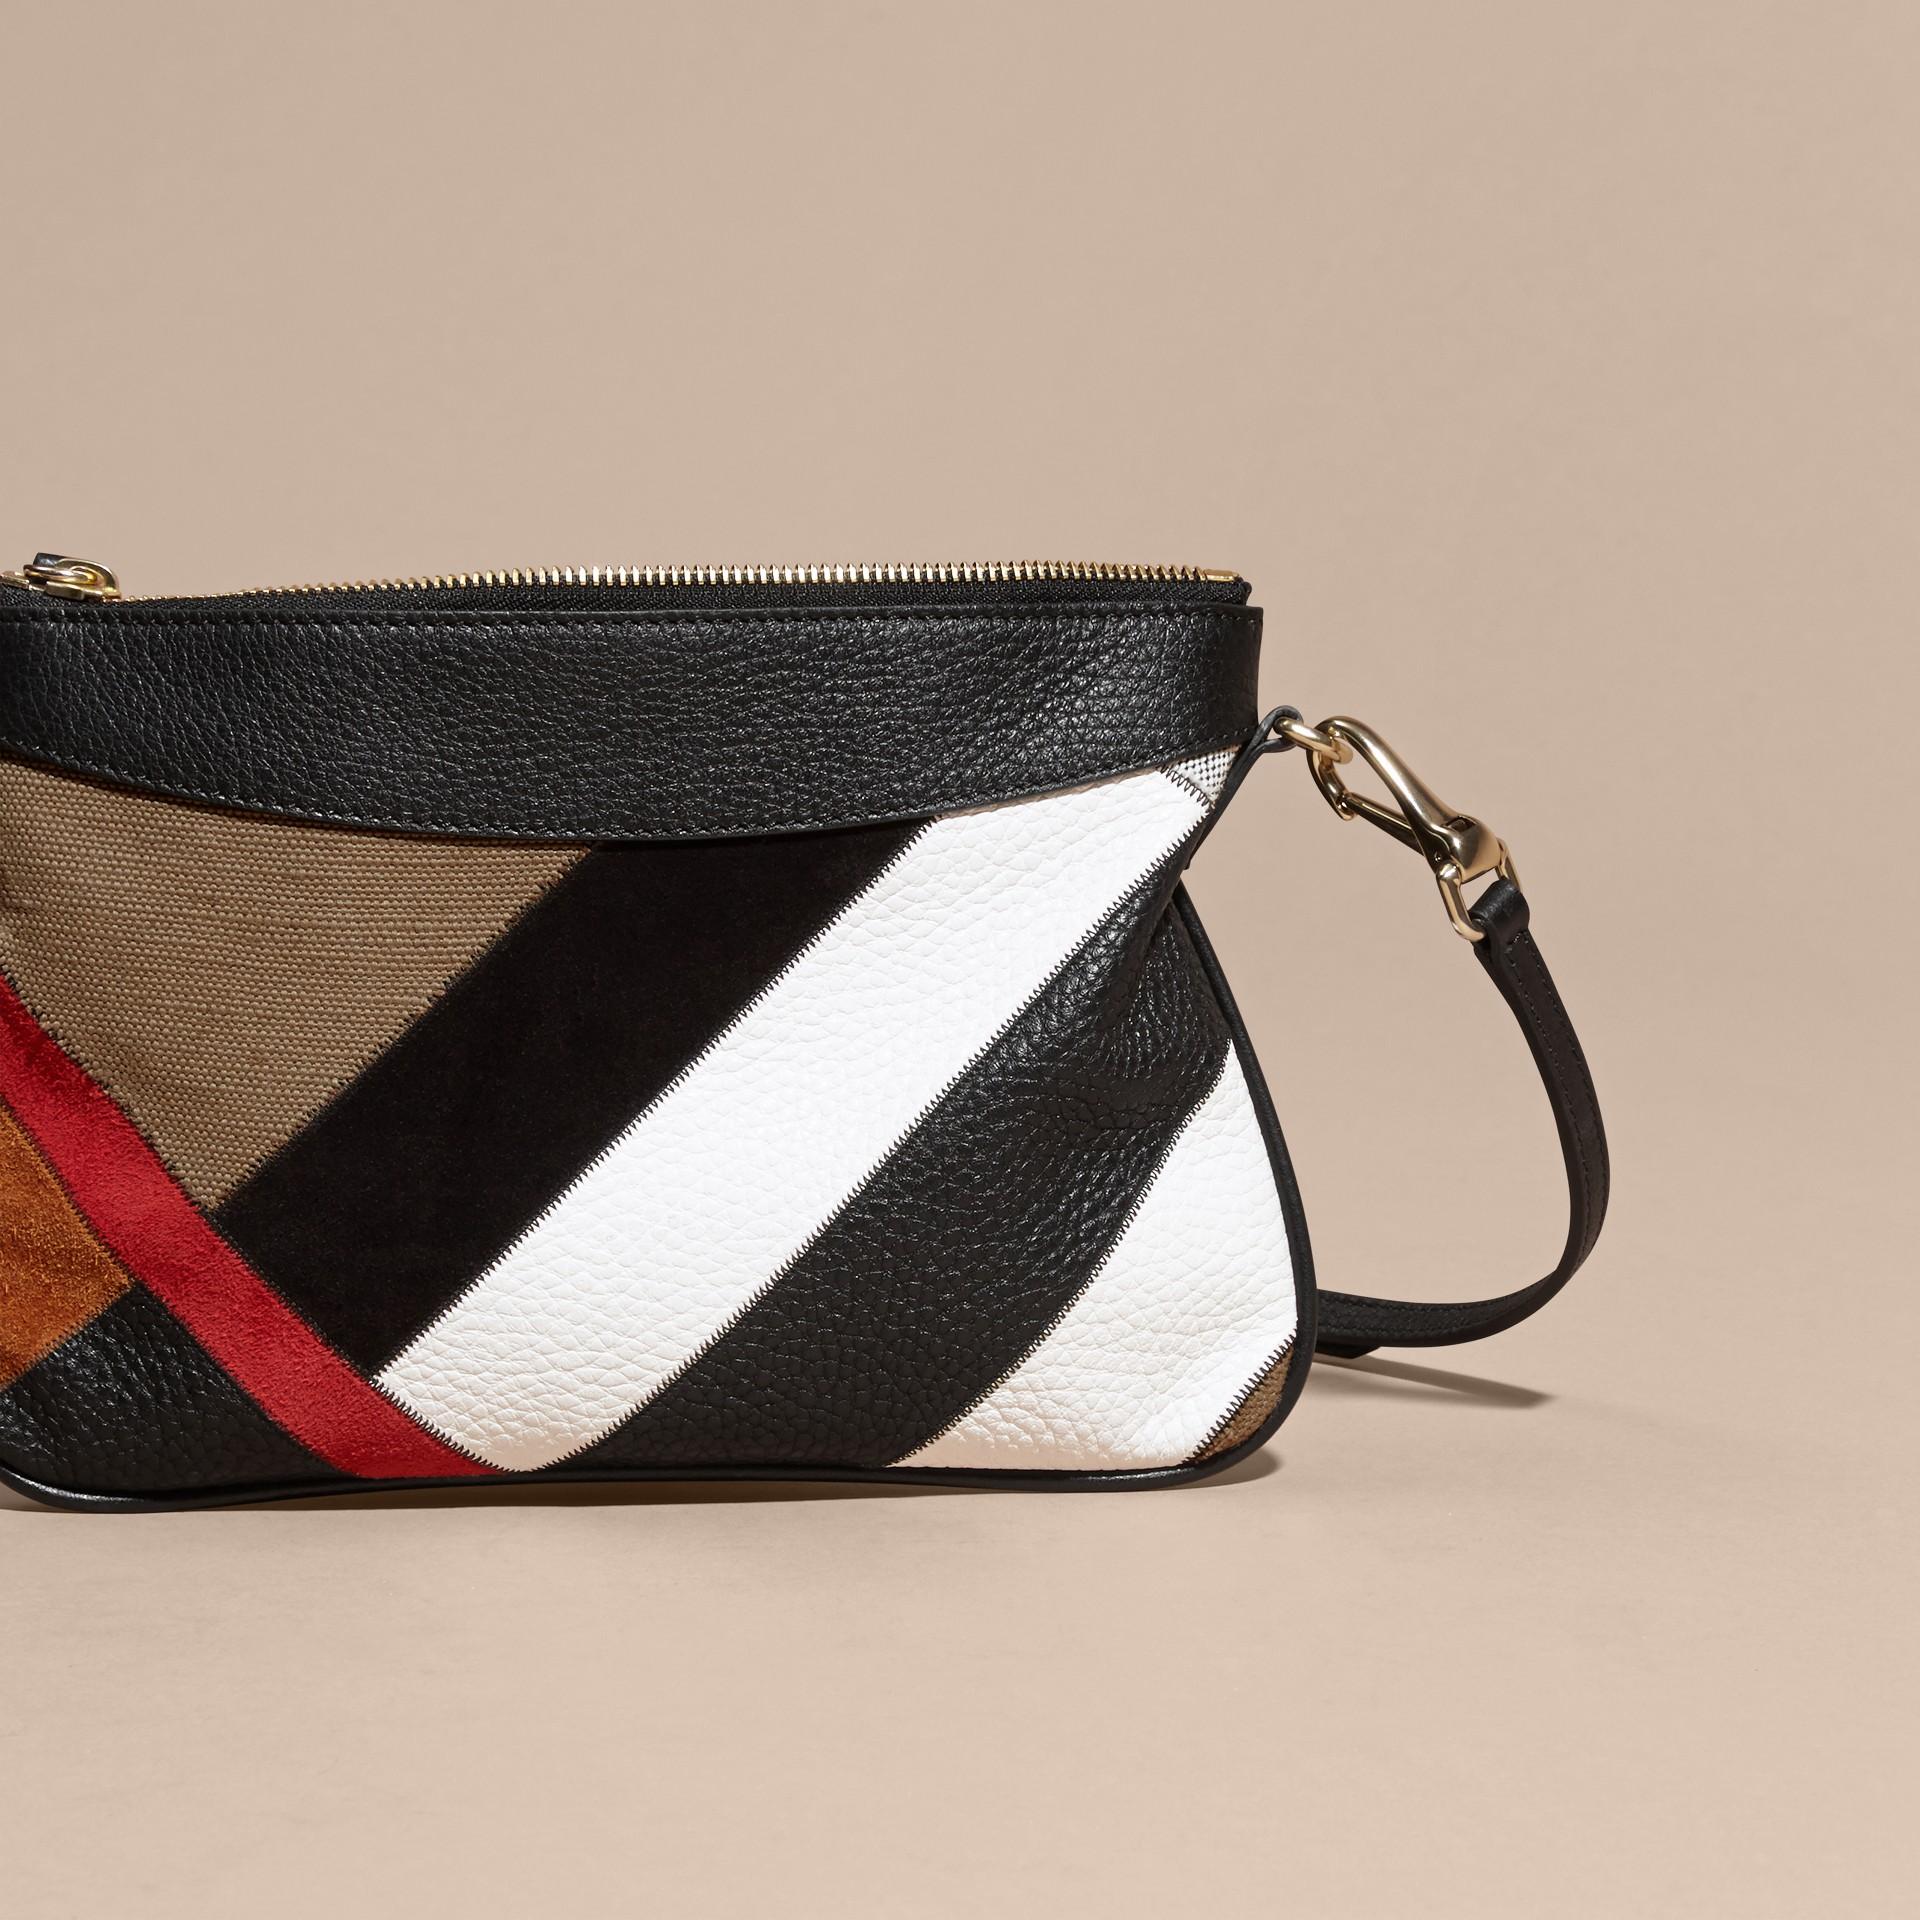 Noir Clutch façon patchwork en cuir, cuir velours et jute de coton à motif check - photo de la galerie 5